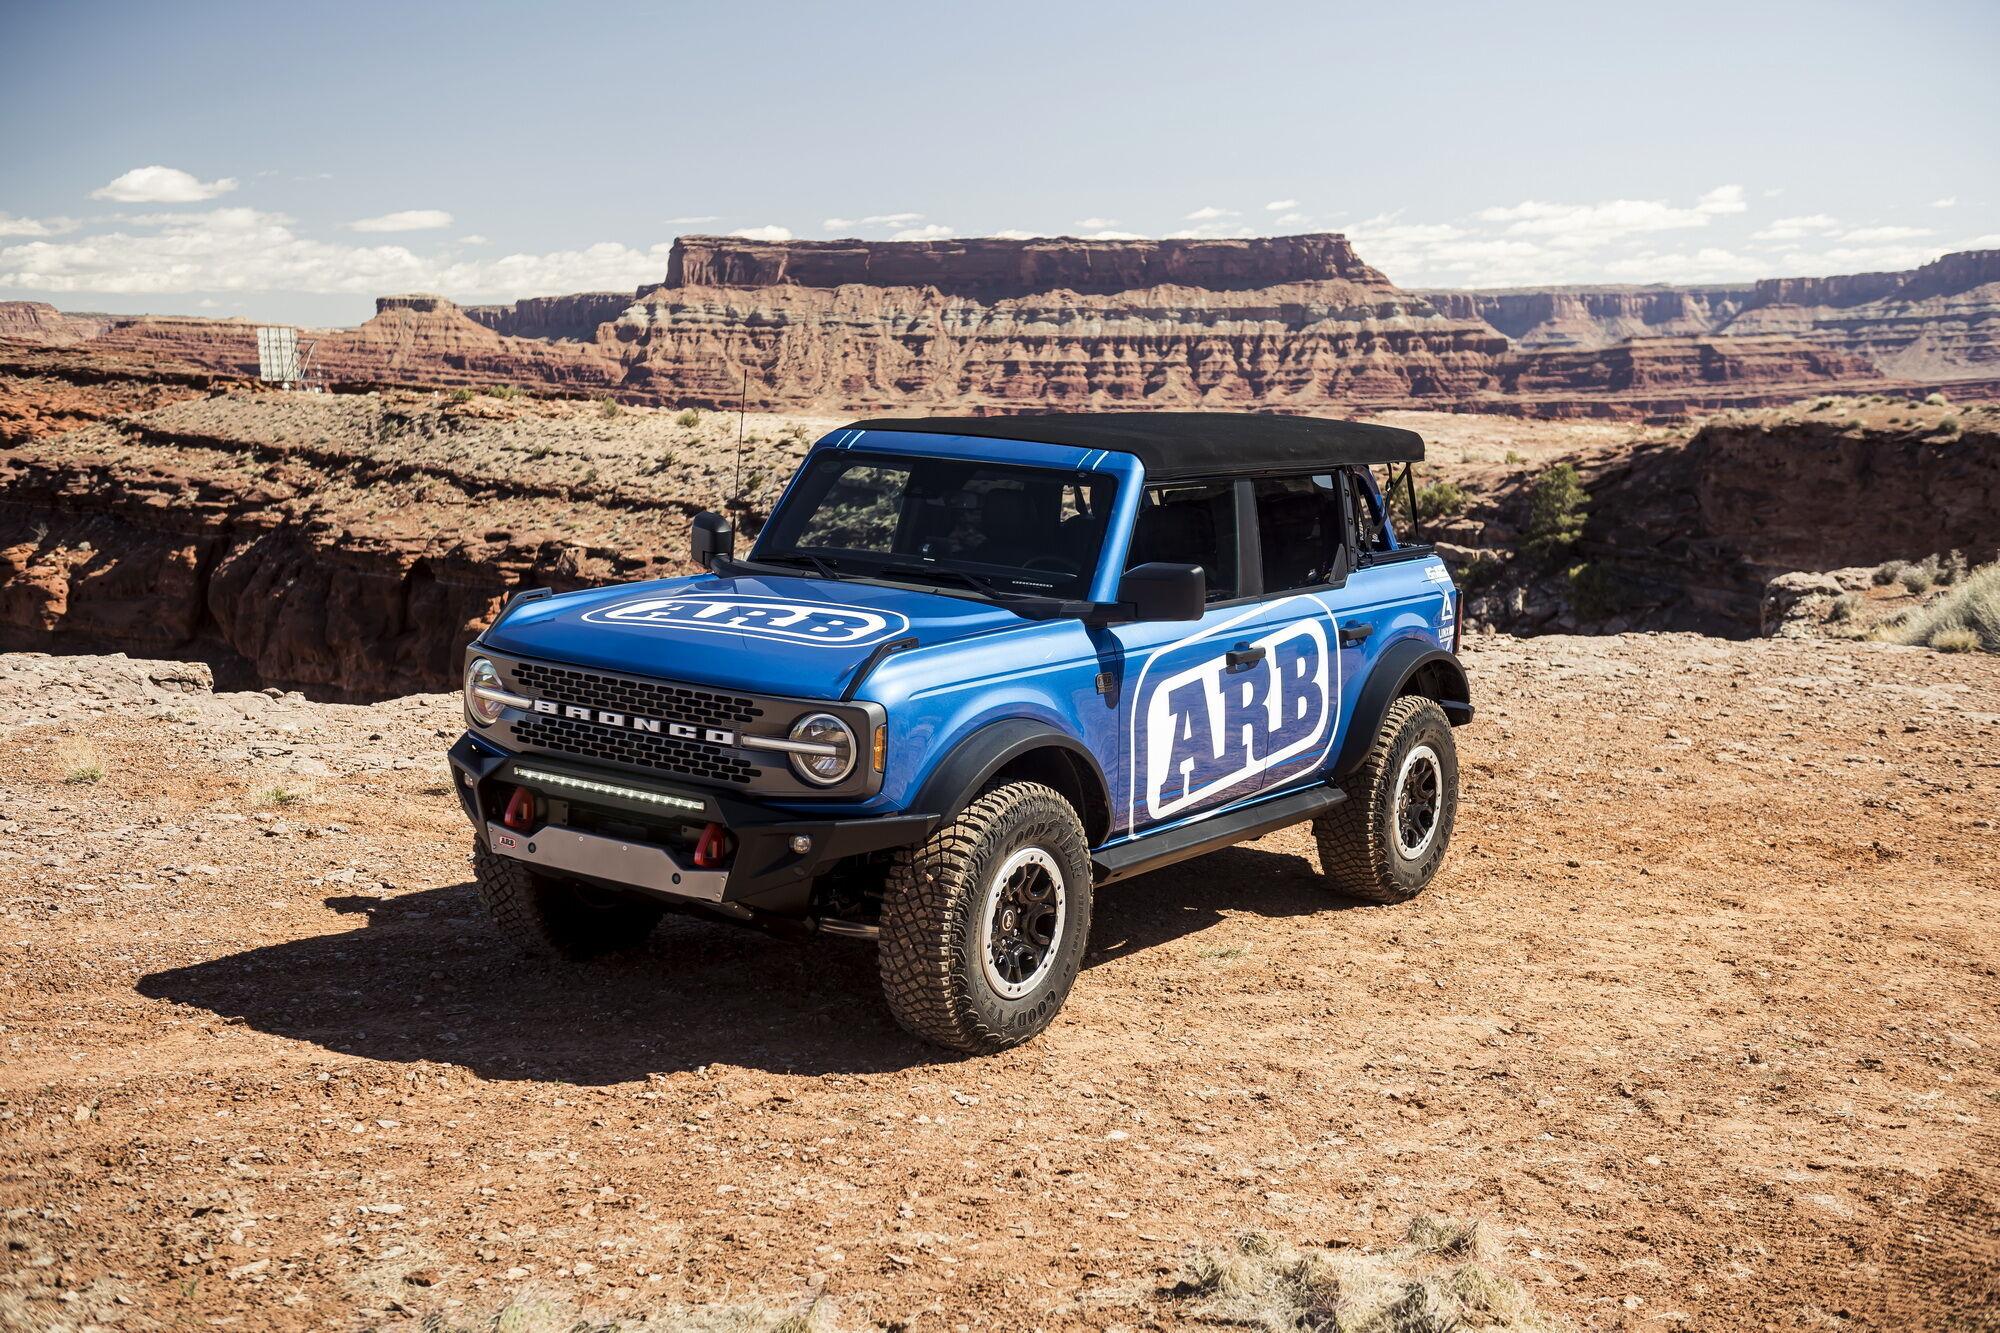 Для моделі Bronco у компанії ARB підготували цілий ряд аксесуарів